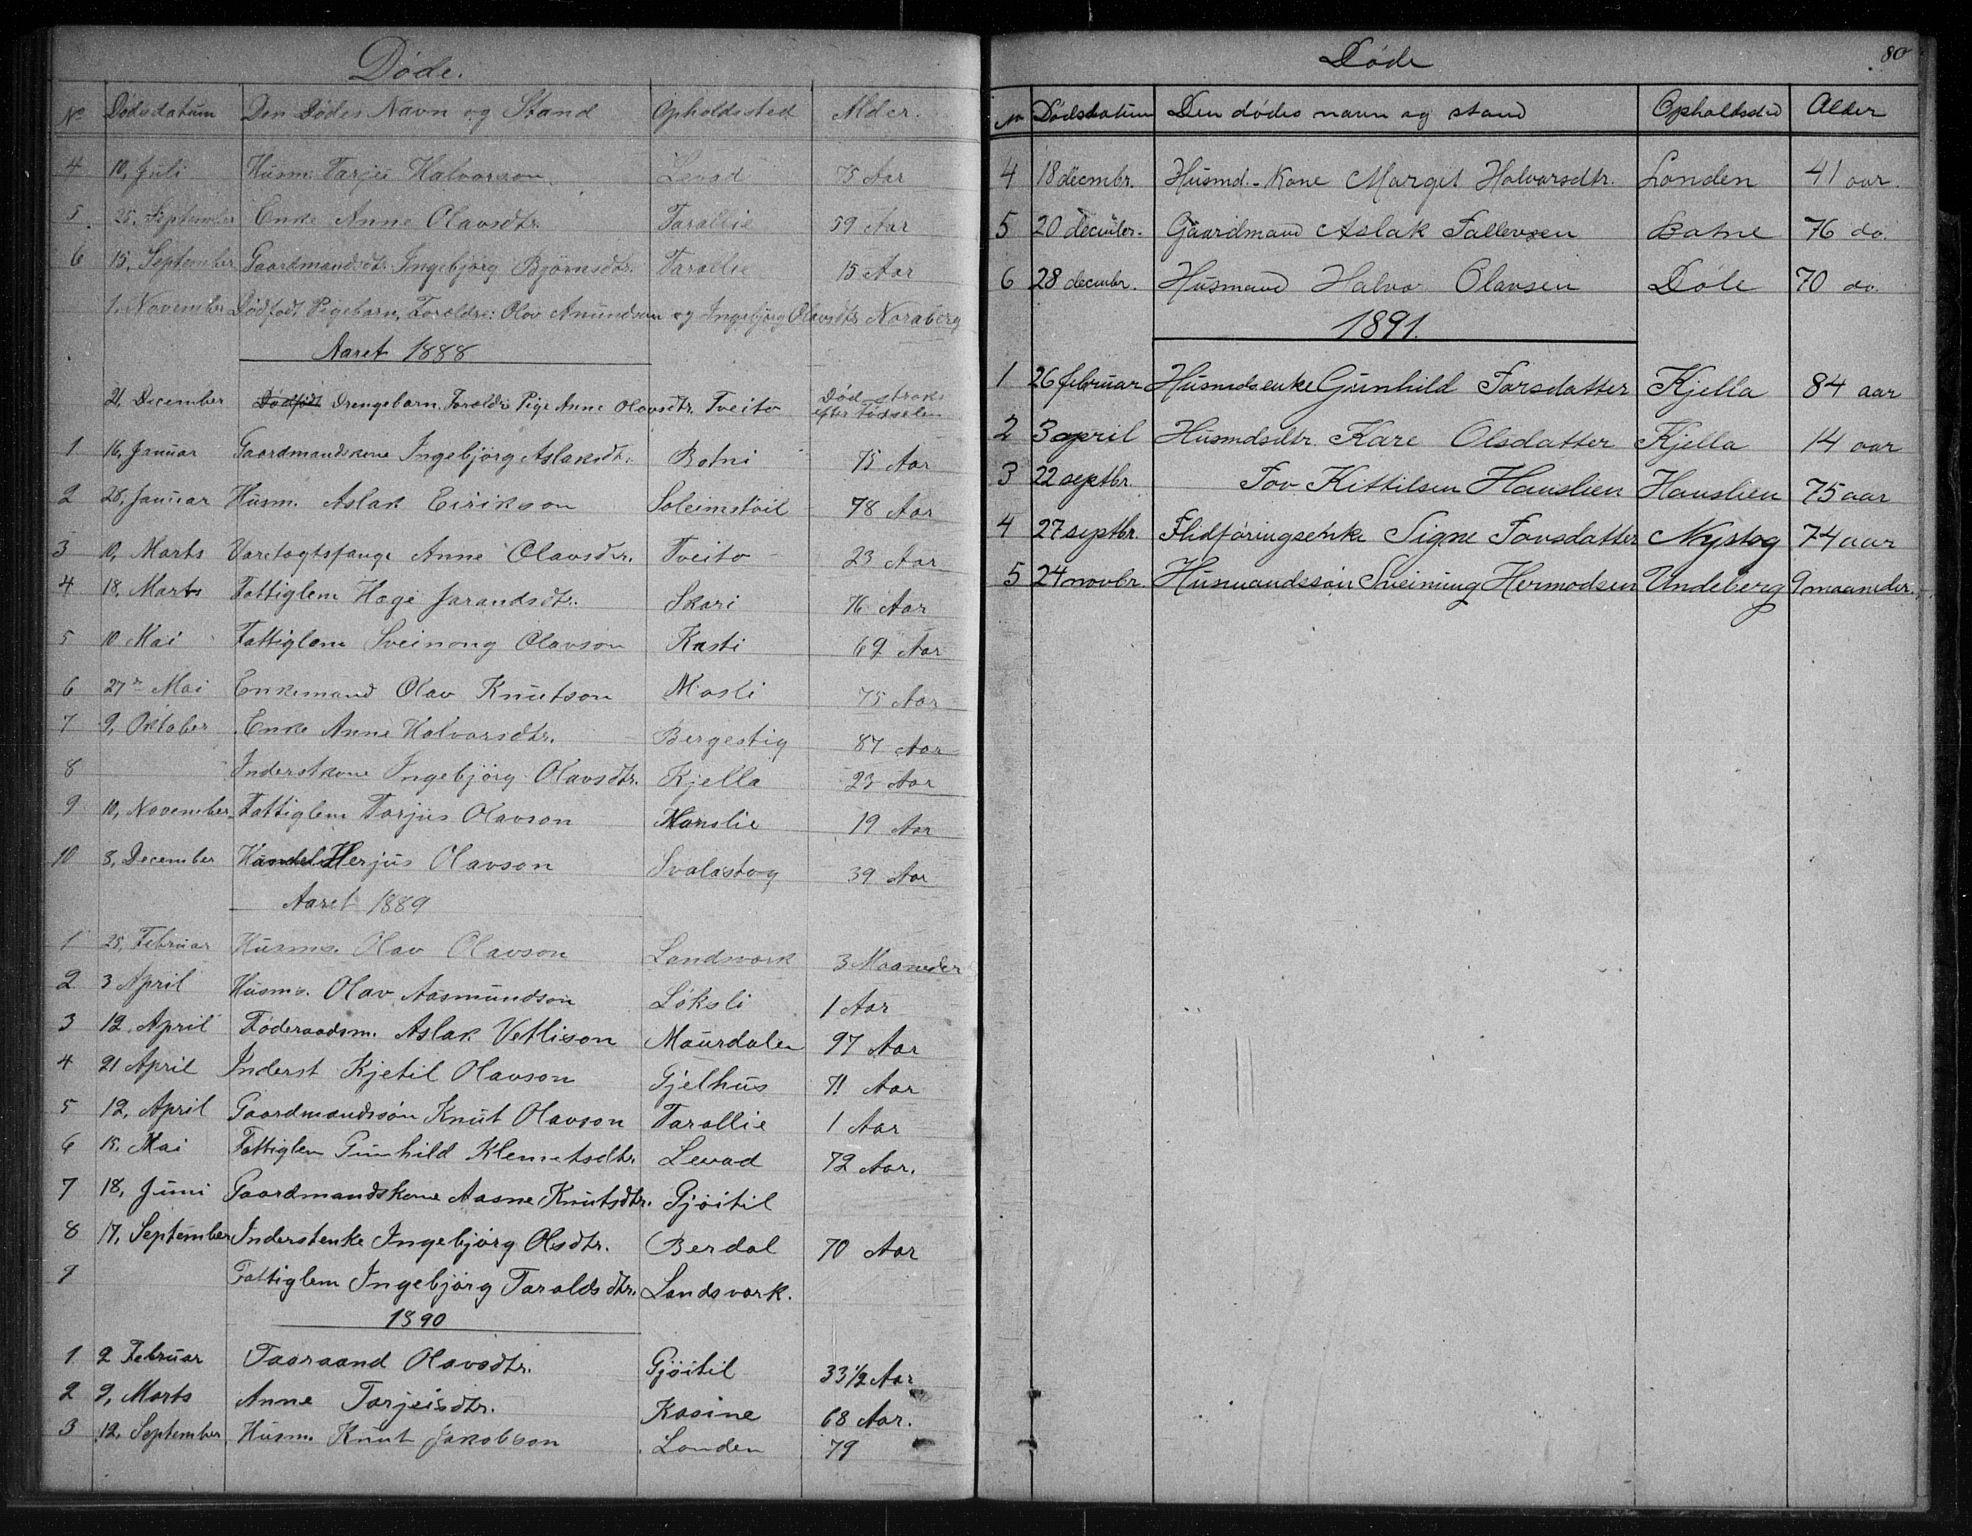 SAKO, Vinje kirkebøker, G/Gb/L0002: Klokkerbok nr. II 2, 1849-1891, s. 80